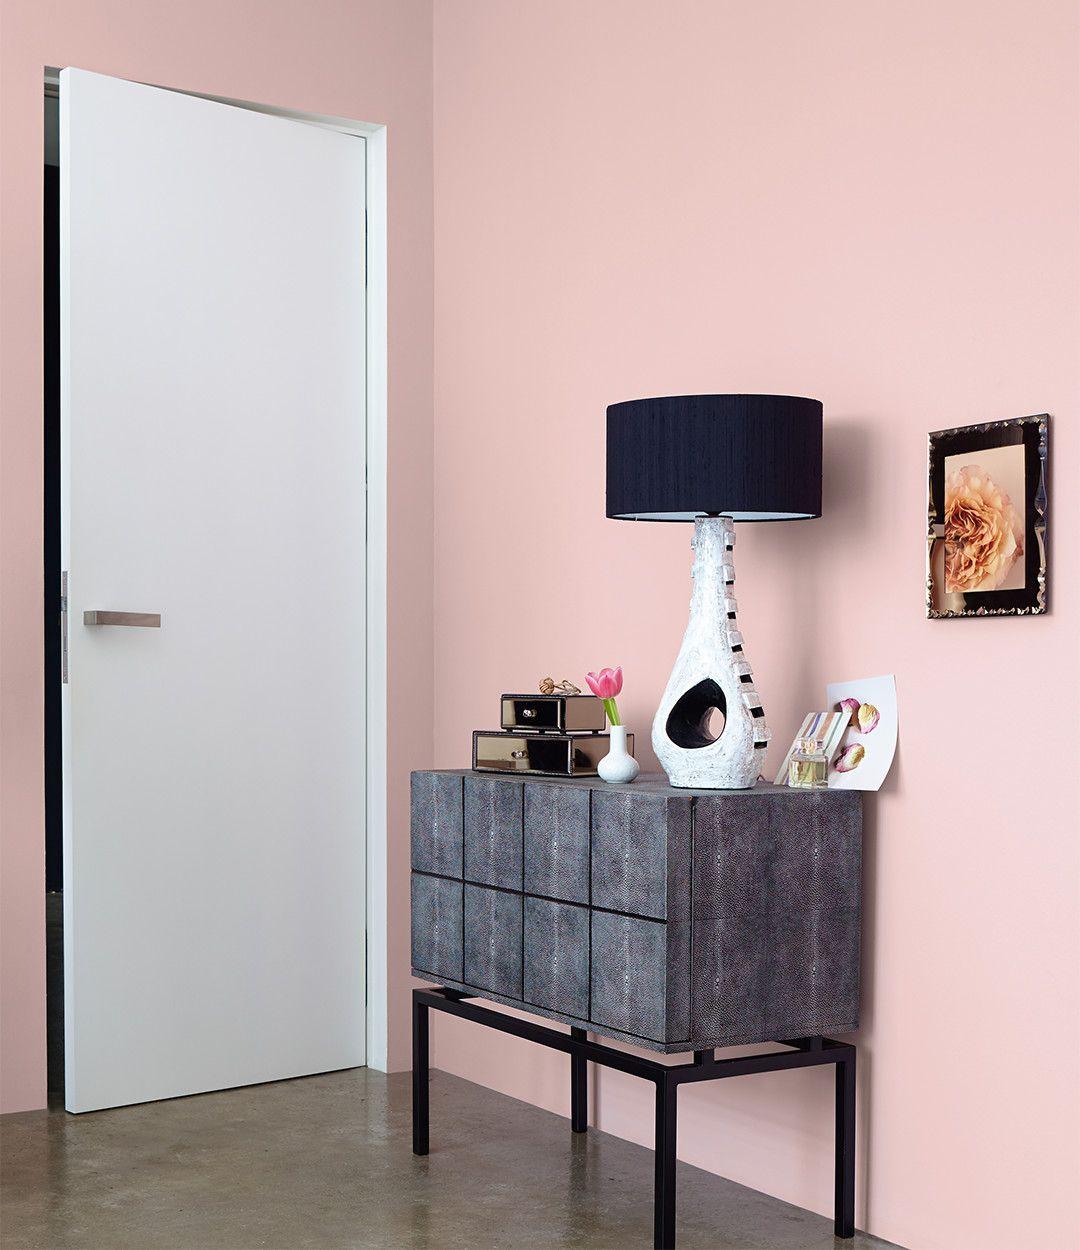 alpina feine farben no 23 wolken in ros zarte strke und elegante - Fantastisch Wandfarben Metallic Farben